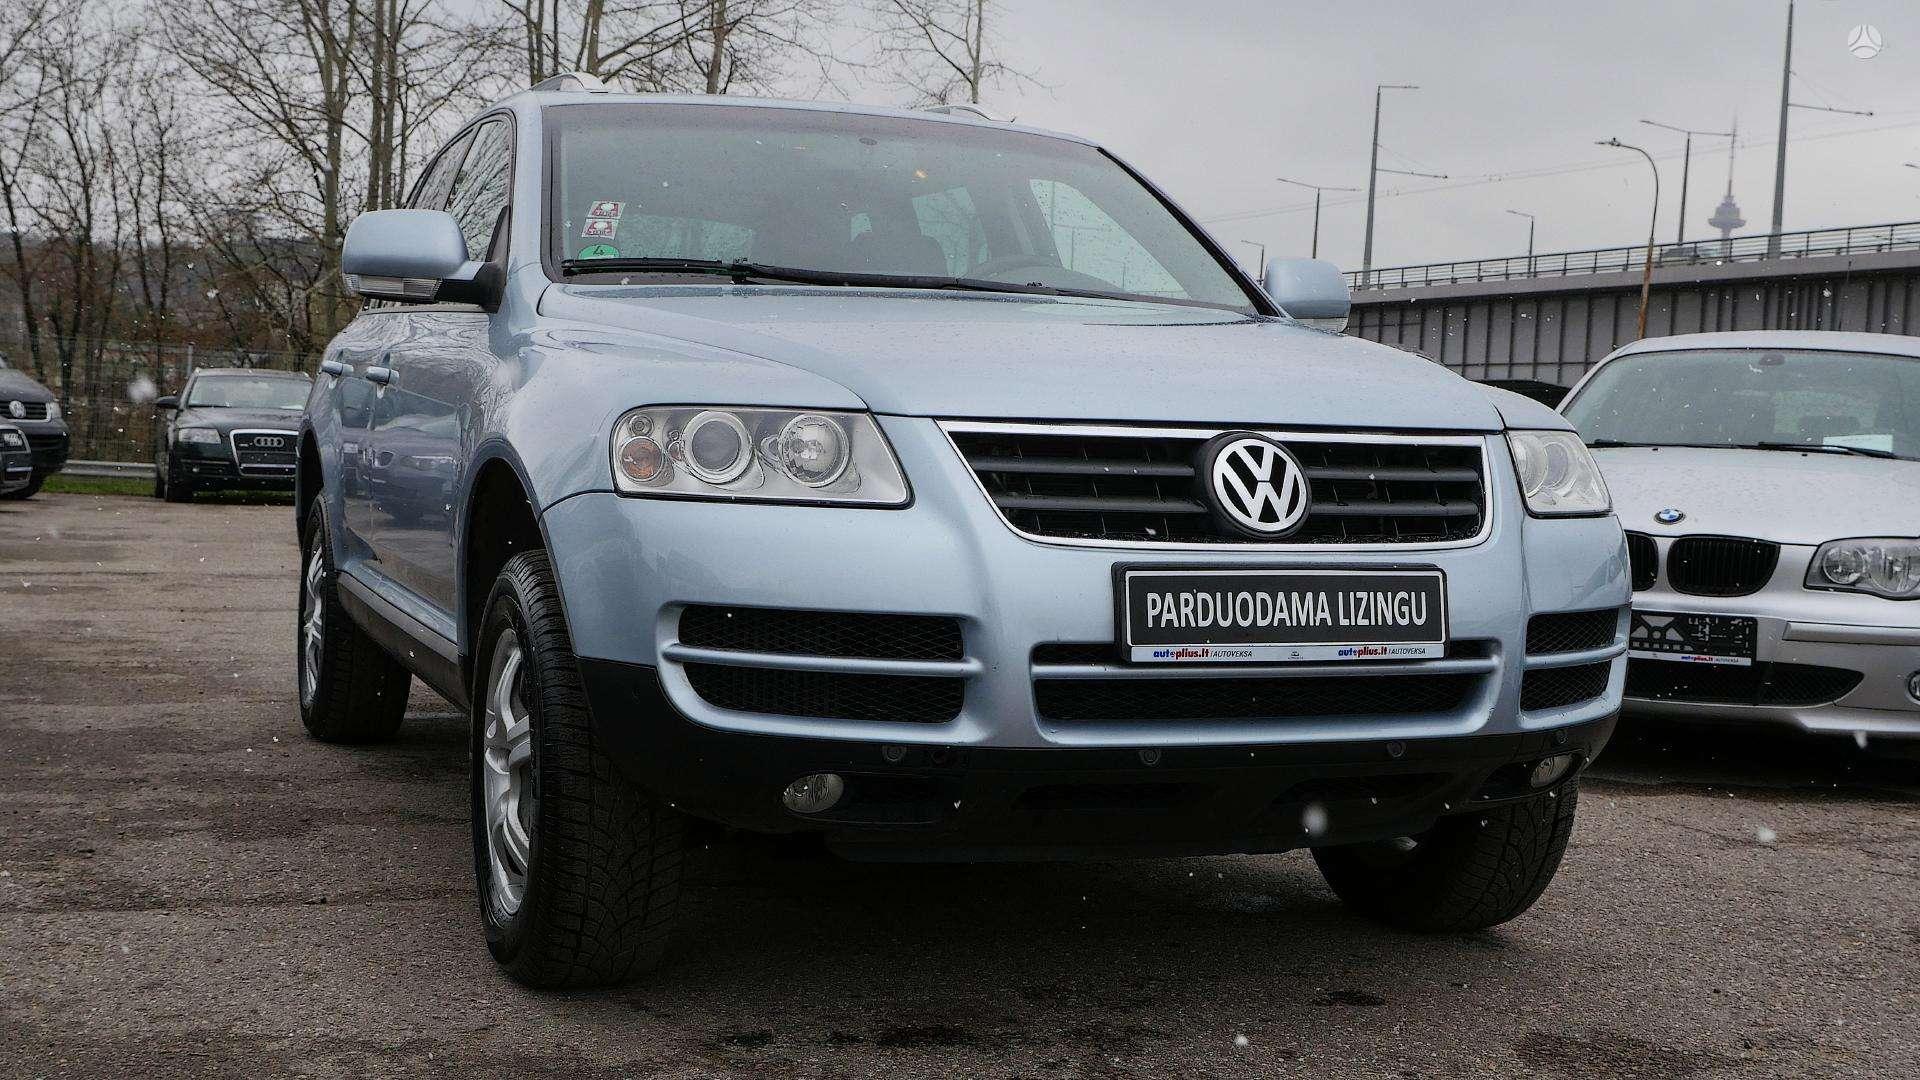 Volkswagen Touareg išsimokėtinai nuo 97Eur/Mėn su 3 mėnesių garantija